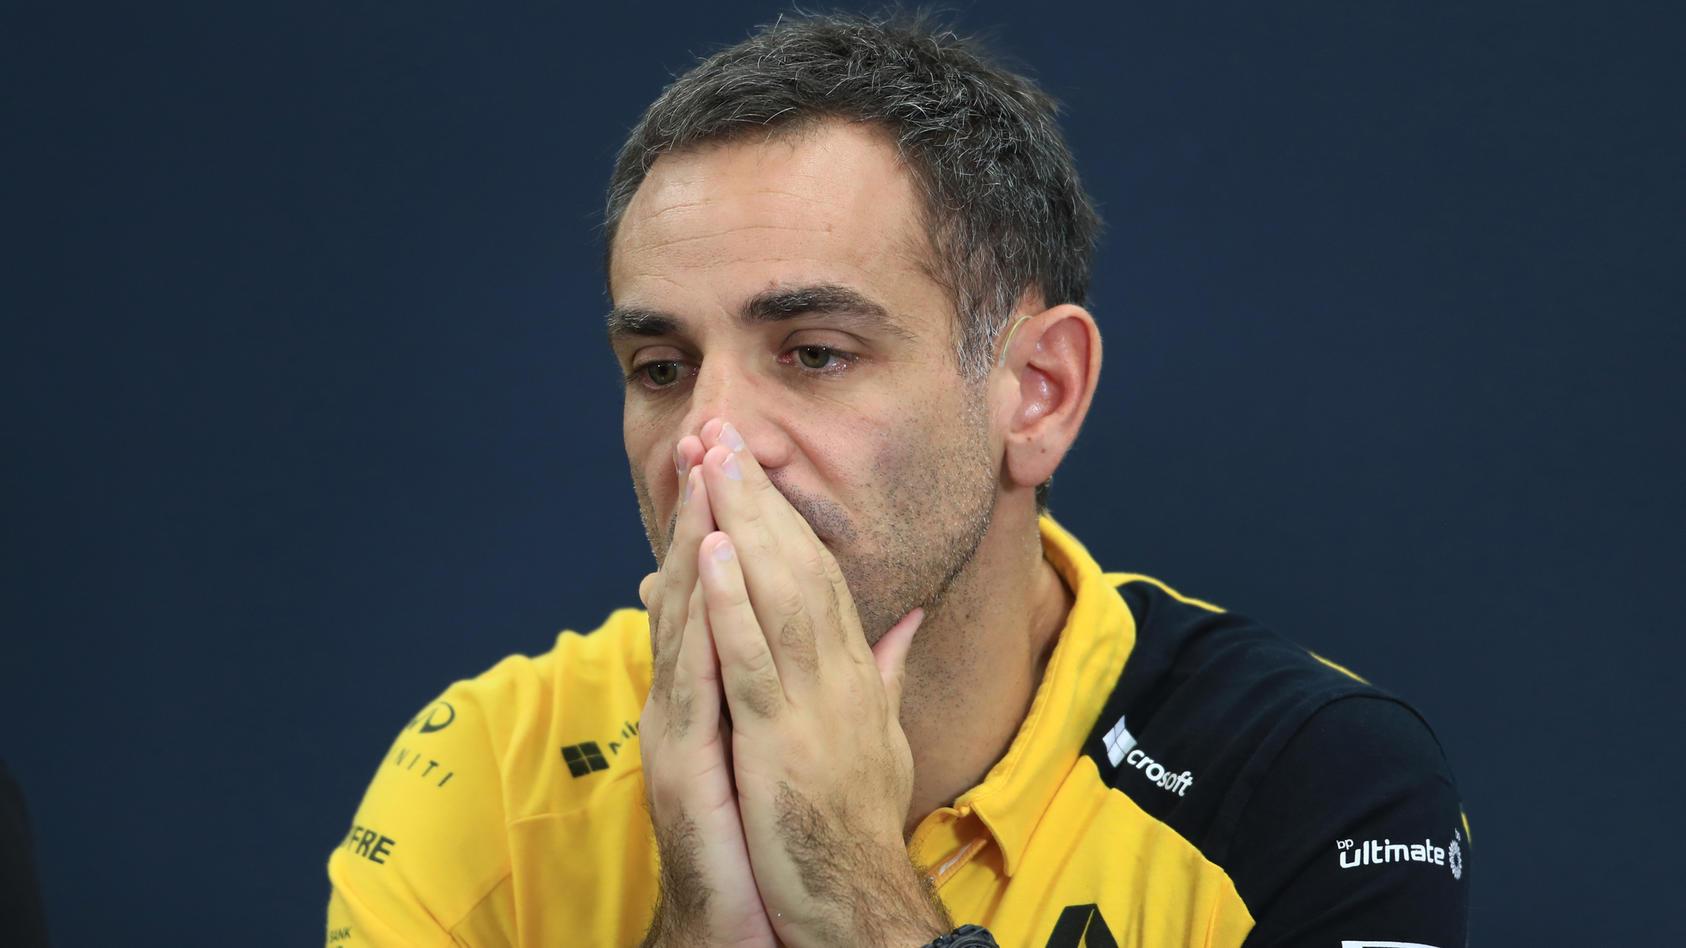 Fiel der Umstrukturierung und dem fehlenden Erfolg zum Opfer: Ex-Renault-Teamchef Cyril Abiteboul.